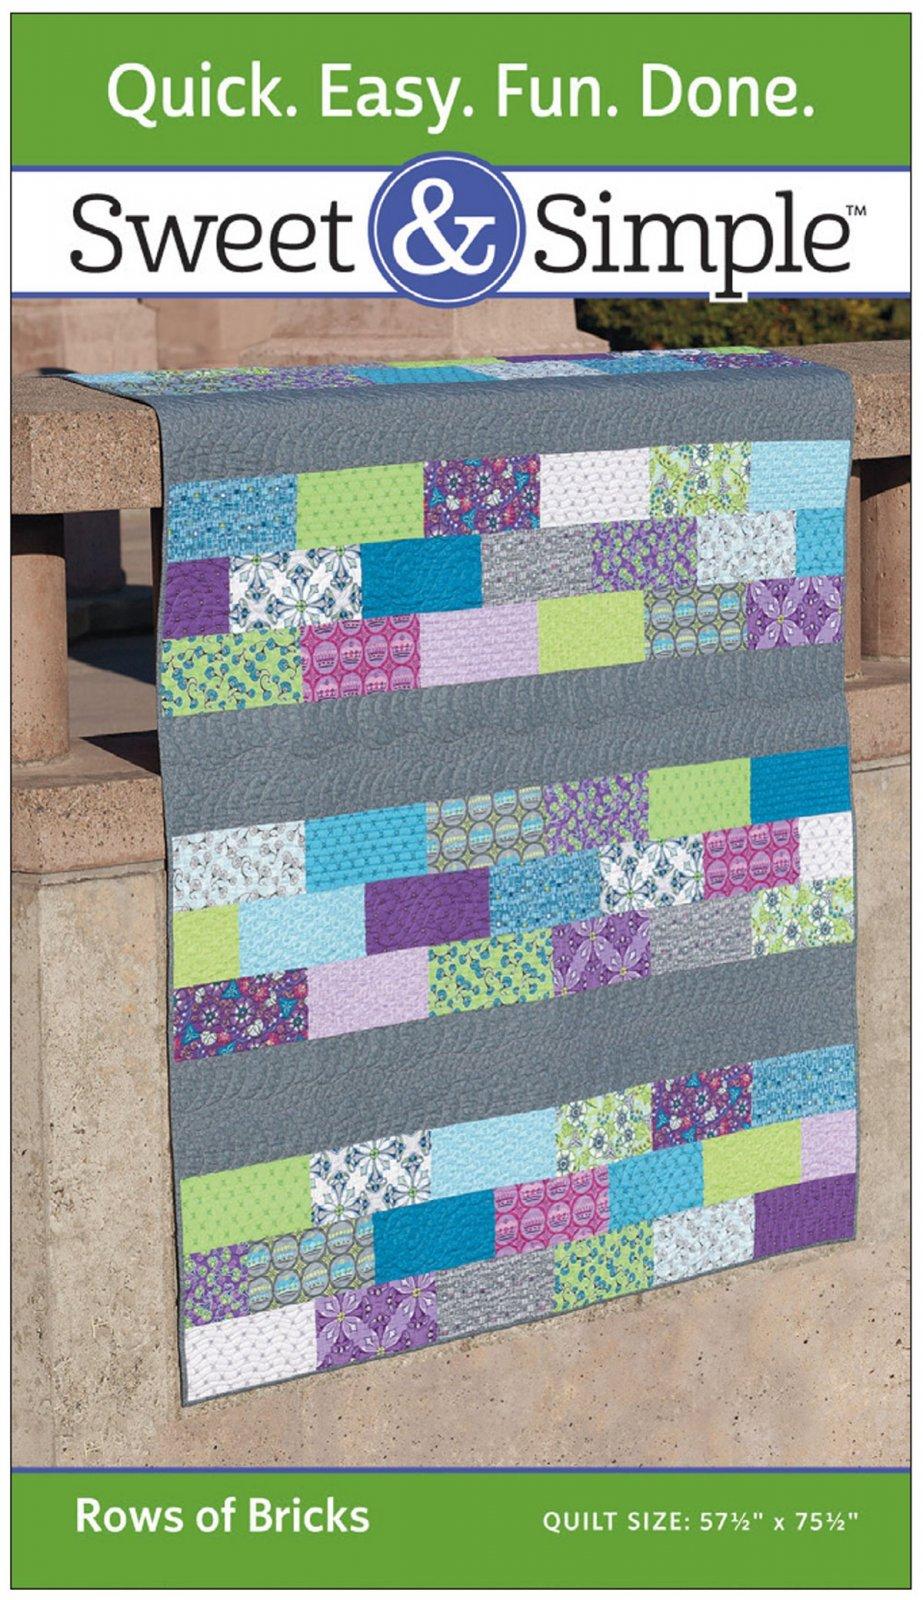 Sweet & Simple - Rows of Bricks Pattern Pack